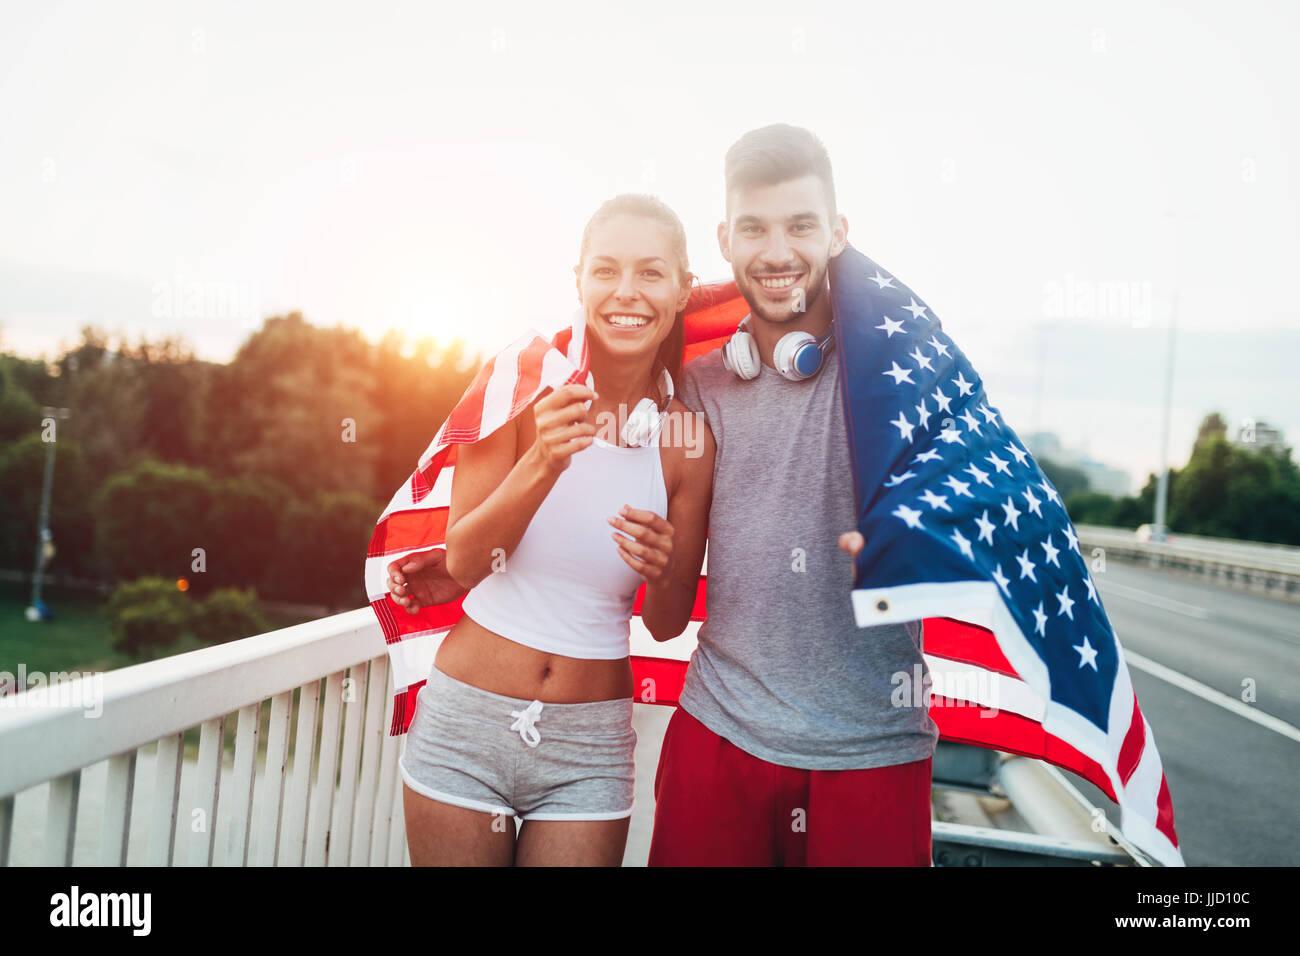 Retrato de fitness atractivo par la celebración de bandera americana Imagen De Stock